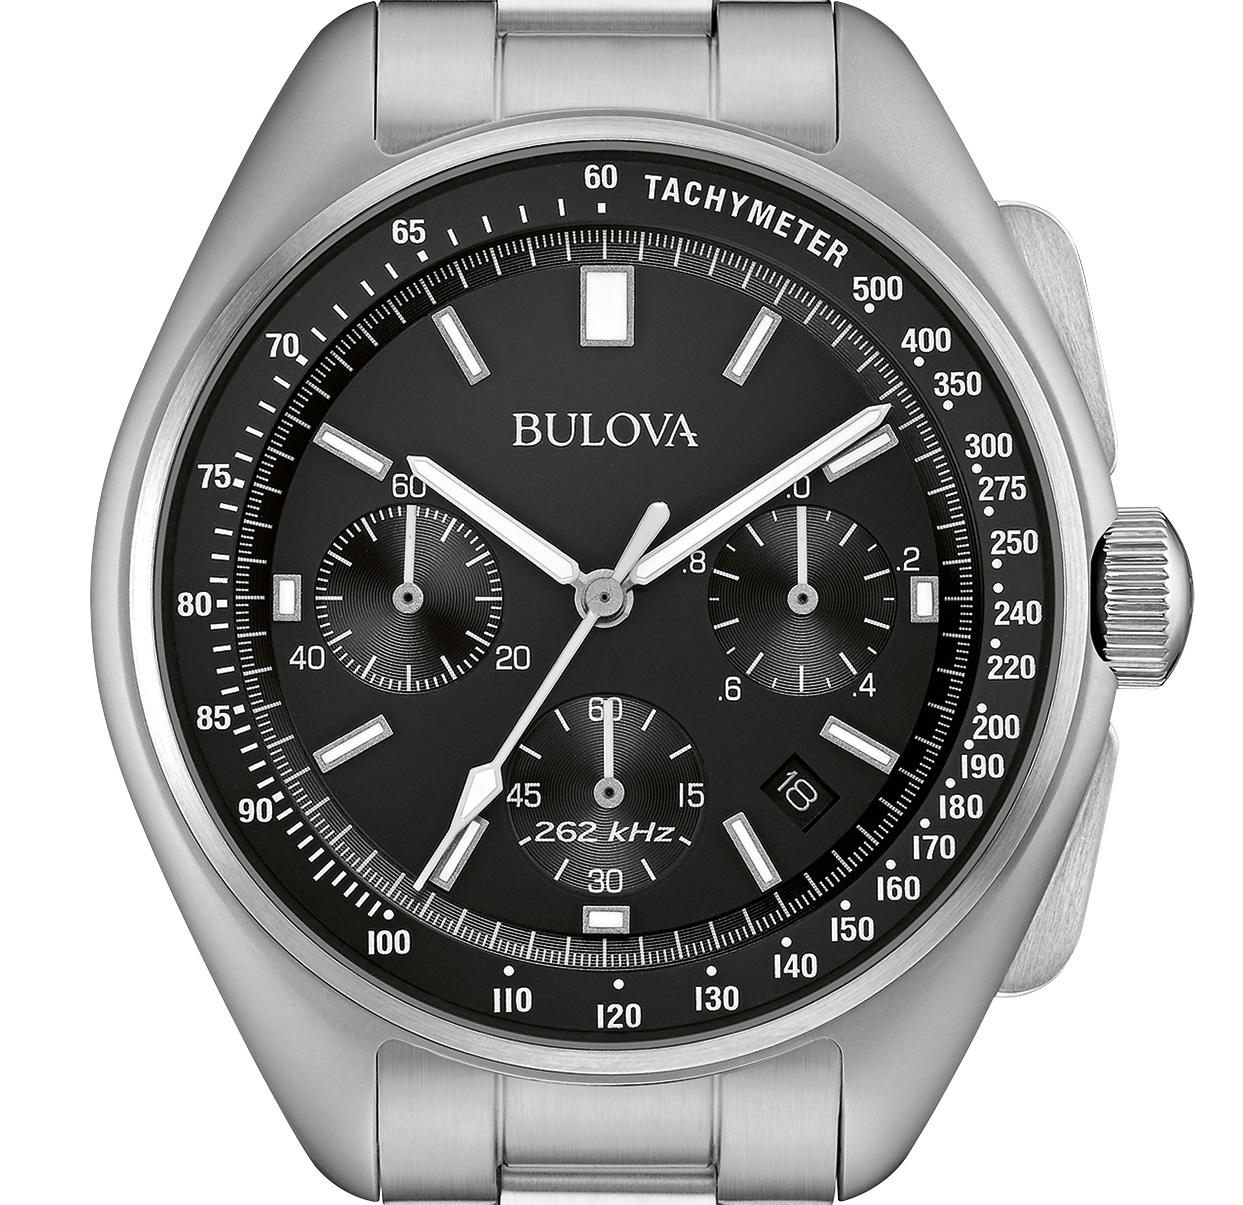 Bulova Lunar Pilot Watch